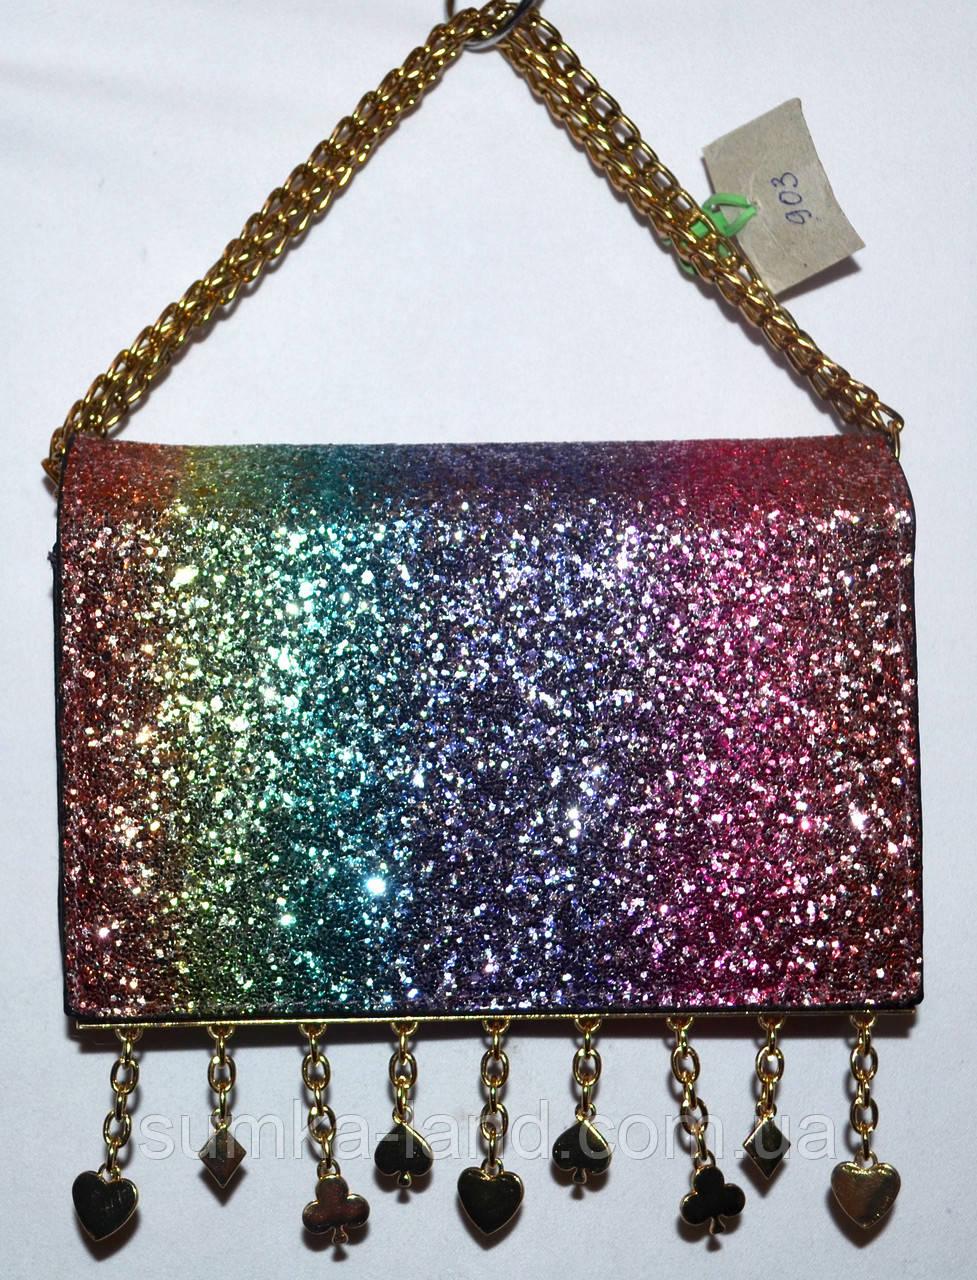 Женский блестящий разноцветный клатч на цепочке с украшением 18*14 см